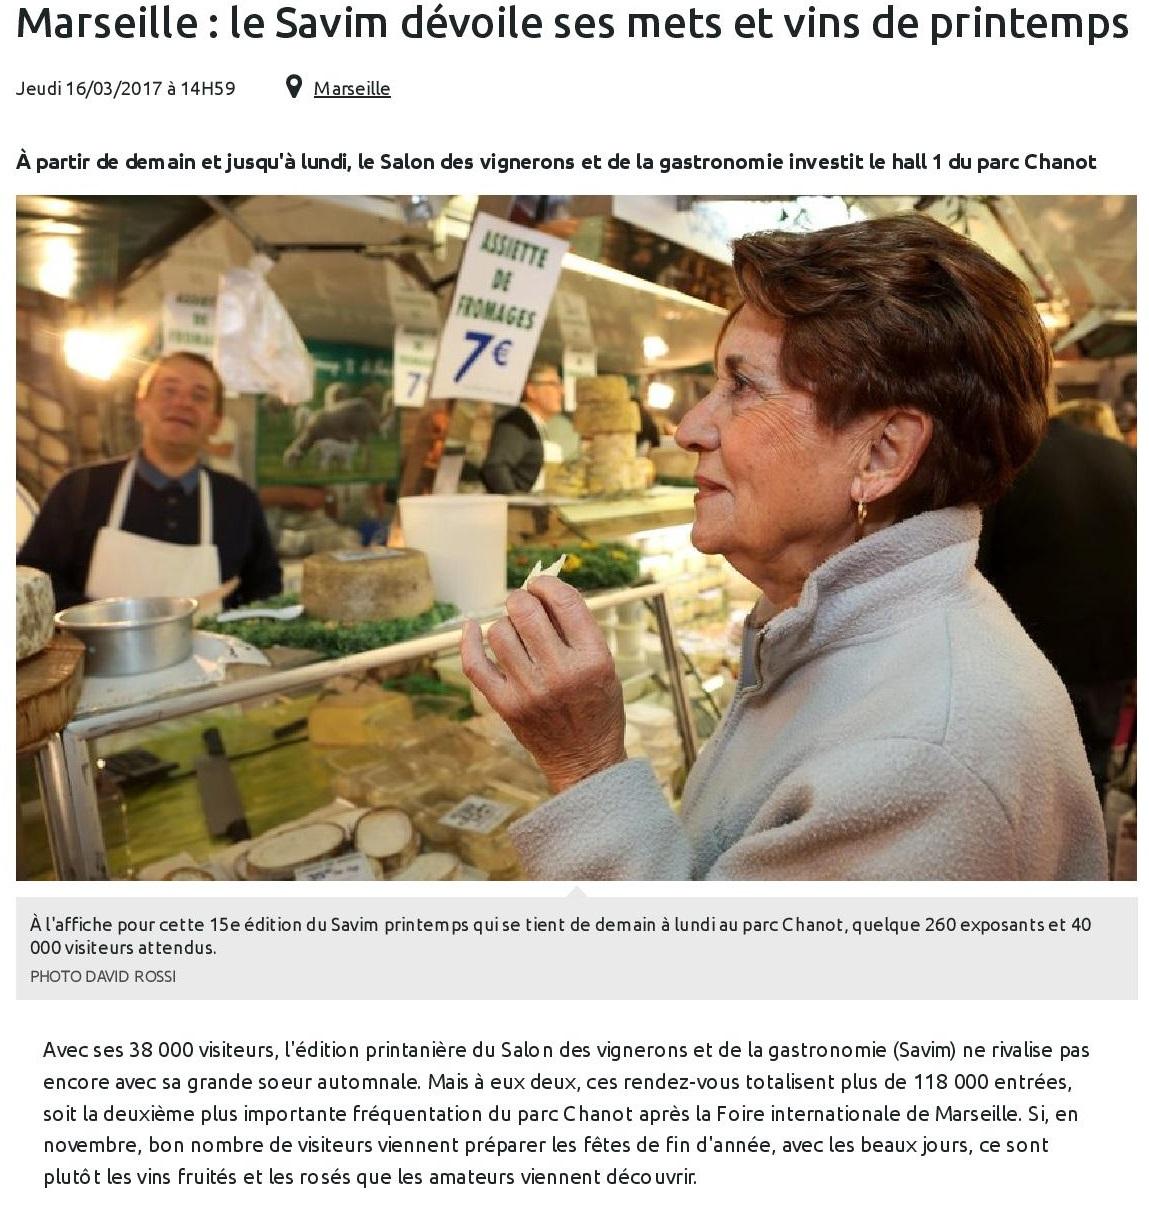 Marseille : le Savim dévoile ses mets et vins de printemps